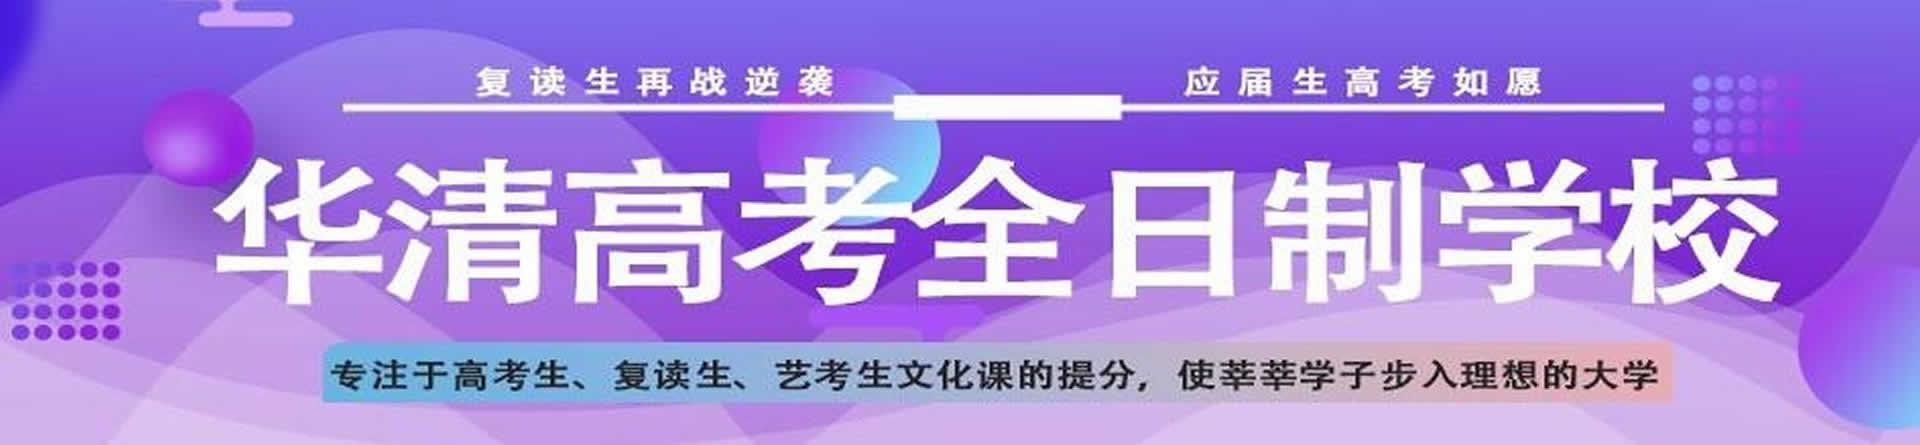 郑州华清教育